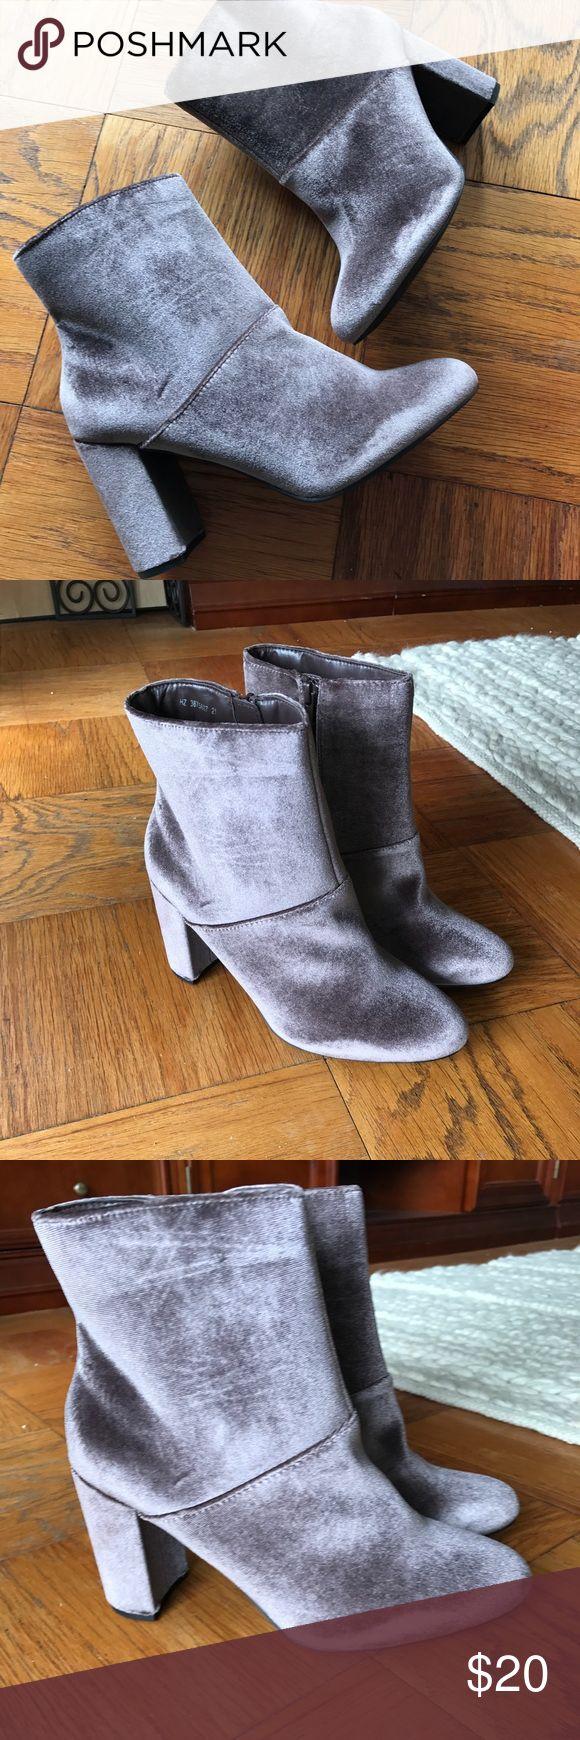 Asos New Look Velvet booties Brand new never worn grey/purple velvet booties size US 9.5w ASOS Shoes Ankle Boots & Booties